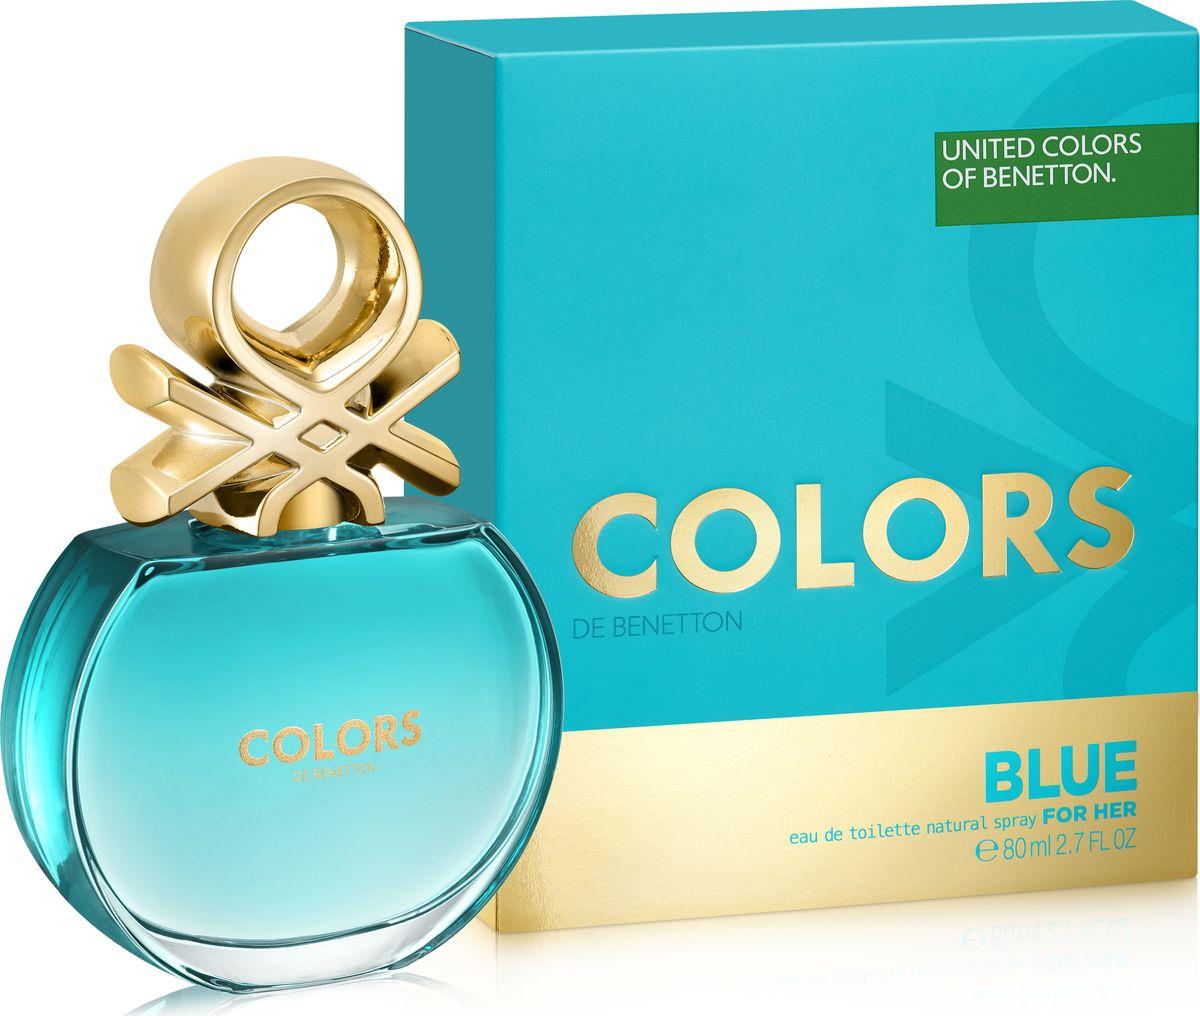 Benetton Colors Blue Туалетная вода женская 80 мл65113752Аромат в бирюзовом флаконе раскрывается яркой, искристой смесью севильского апельсина и энергичного юдзу. Женственные ноты нероли и характерные ноты чая матэ наделяют его элегантностью, подчеркнутой прозрачной фрезией. В базе чистая и чувственная свежесть бобов тонка переплетается с характером кедра и тягучестью мускуса. Аромат с индивидуальностью. Совершенно неотразимый. Верхняя нота: Севильский апельсин, Лимон, Юдзу Средняя нота: Апельсиновый цвет, Фрезия, Матэ Шлейф:Тонизирующие ноты матэ с ломтиком цитрусовых. Бодрящий, яркий, живойНанести на кожу, избегая попадания в глаза.